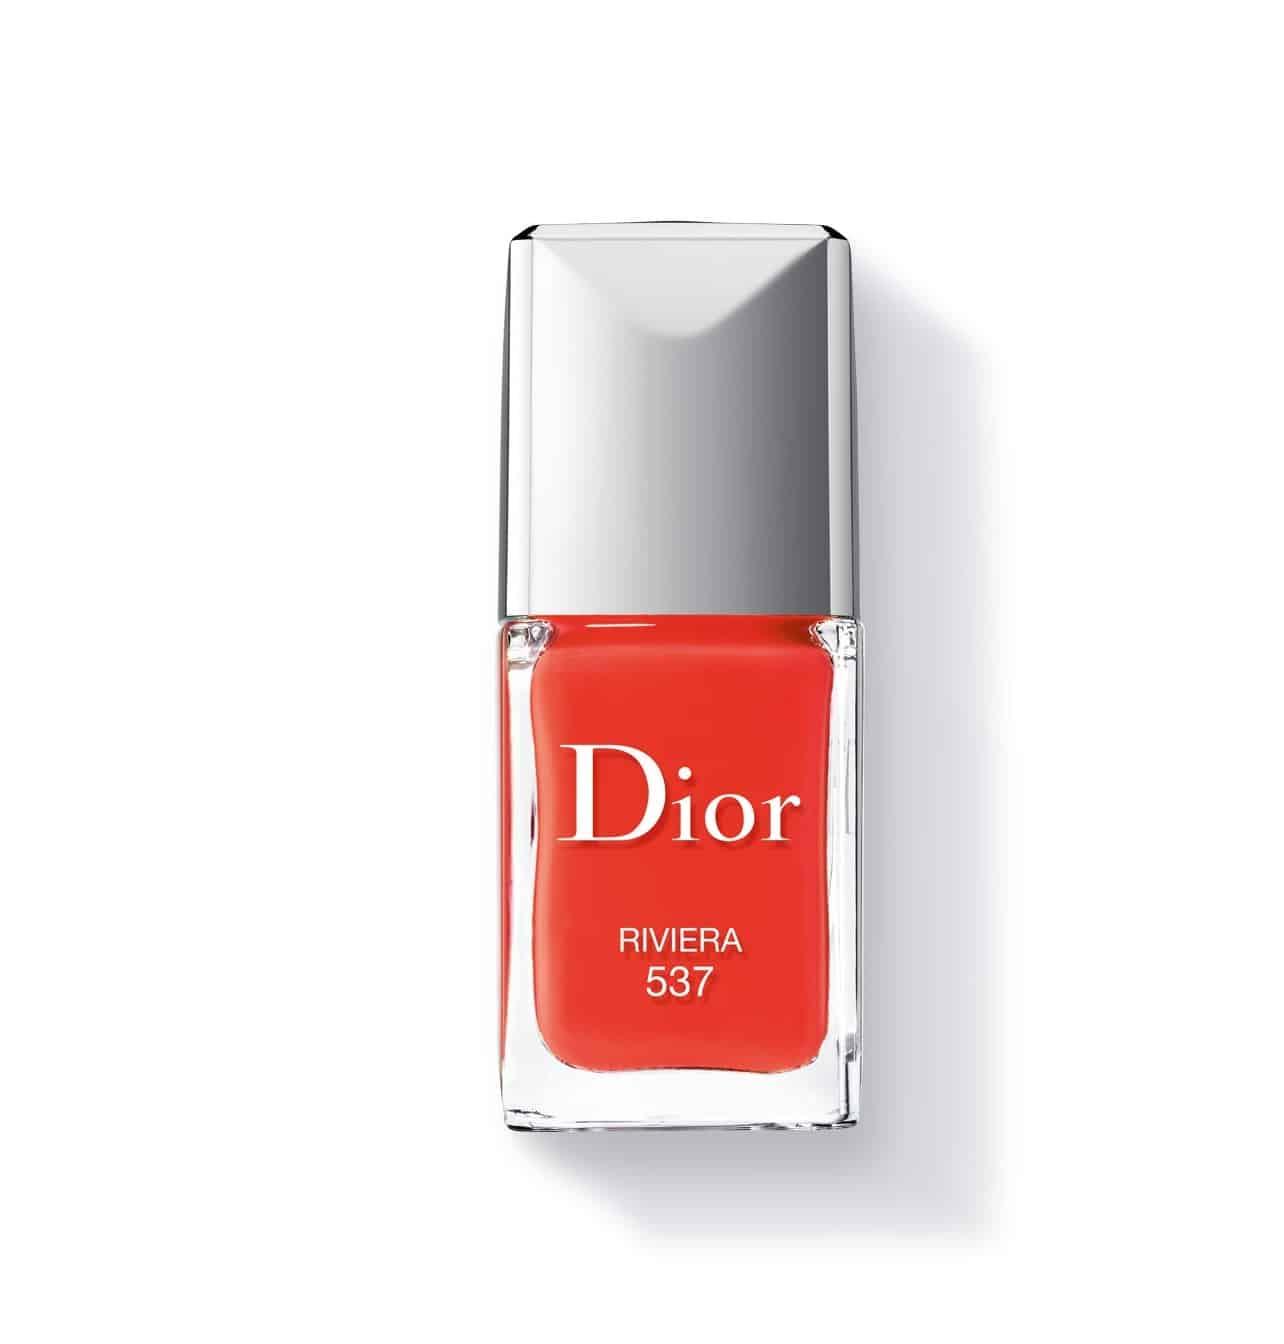 Smalto Dior, tonalità 537 Riviera